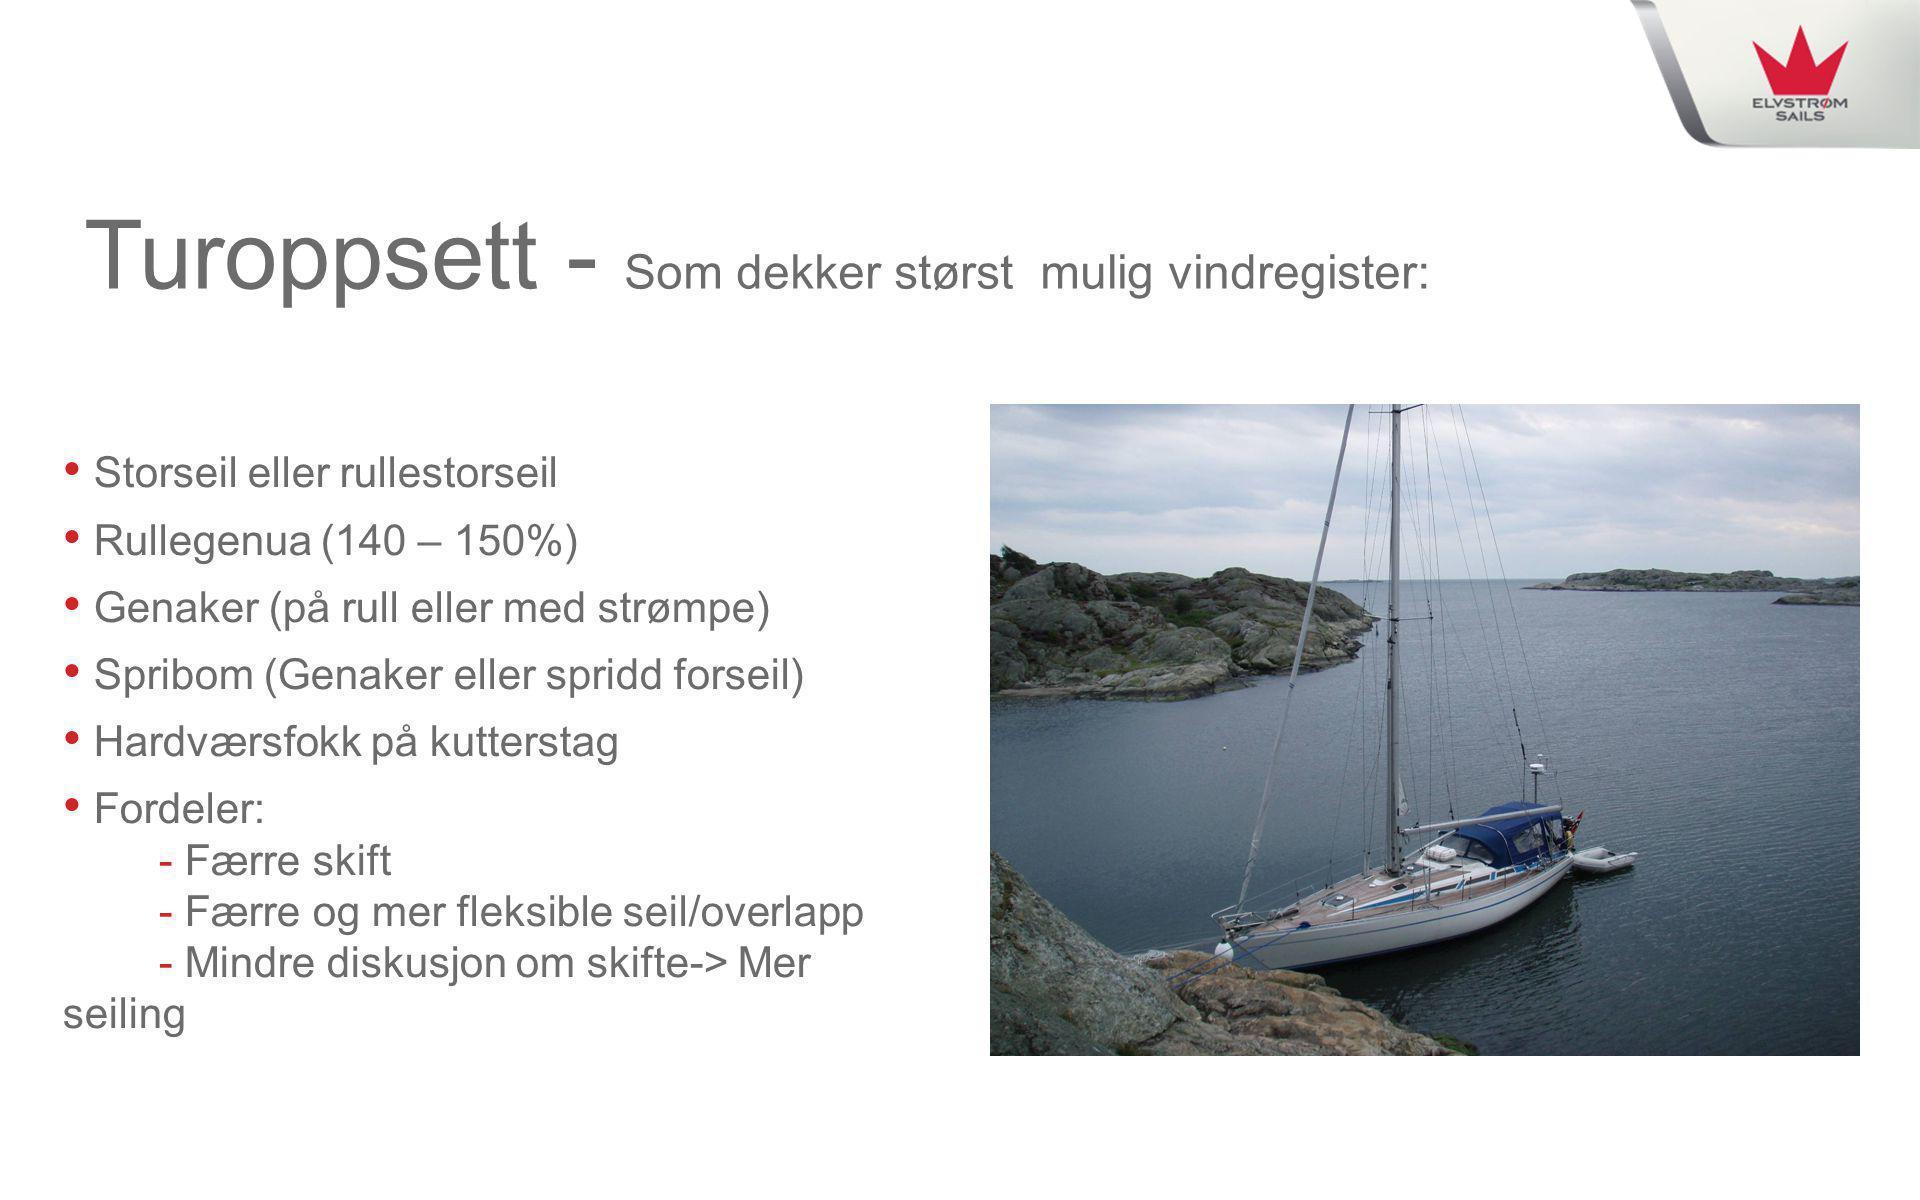 Turoppsett - Som dekker størst mulig vindregister: